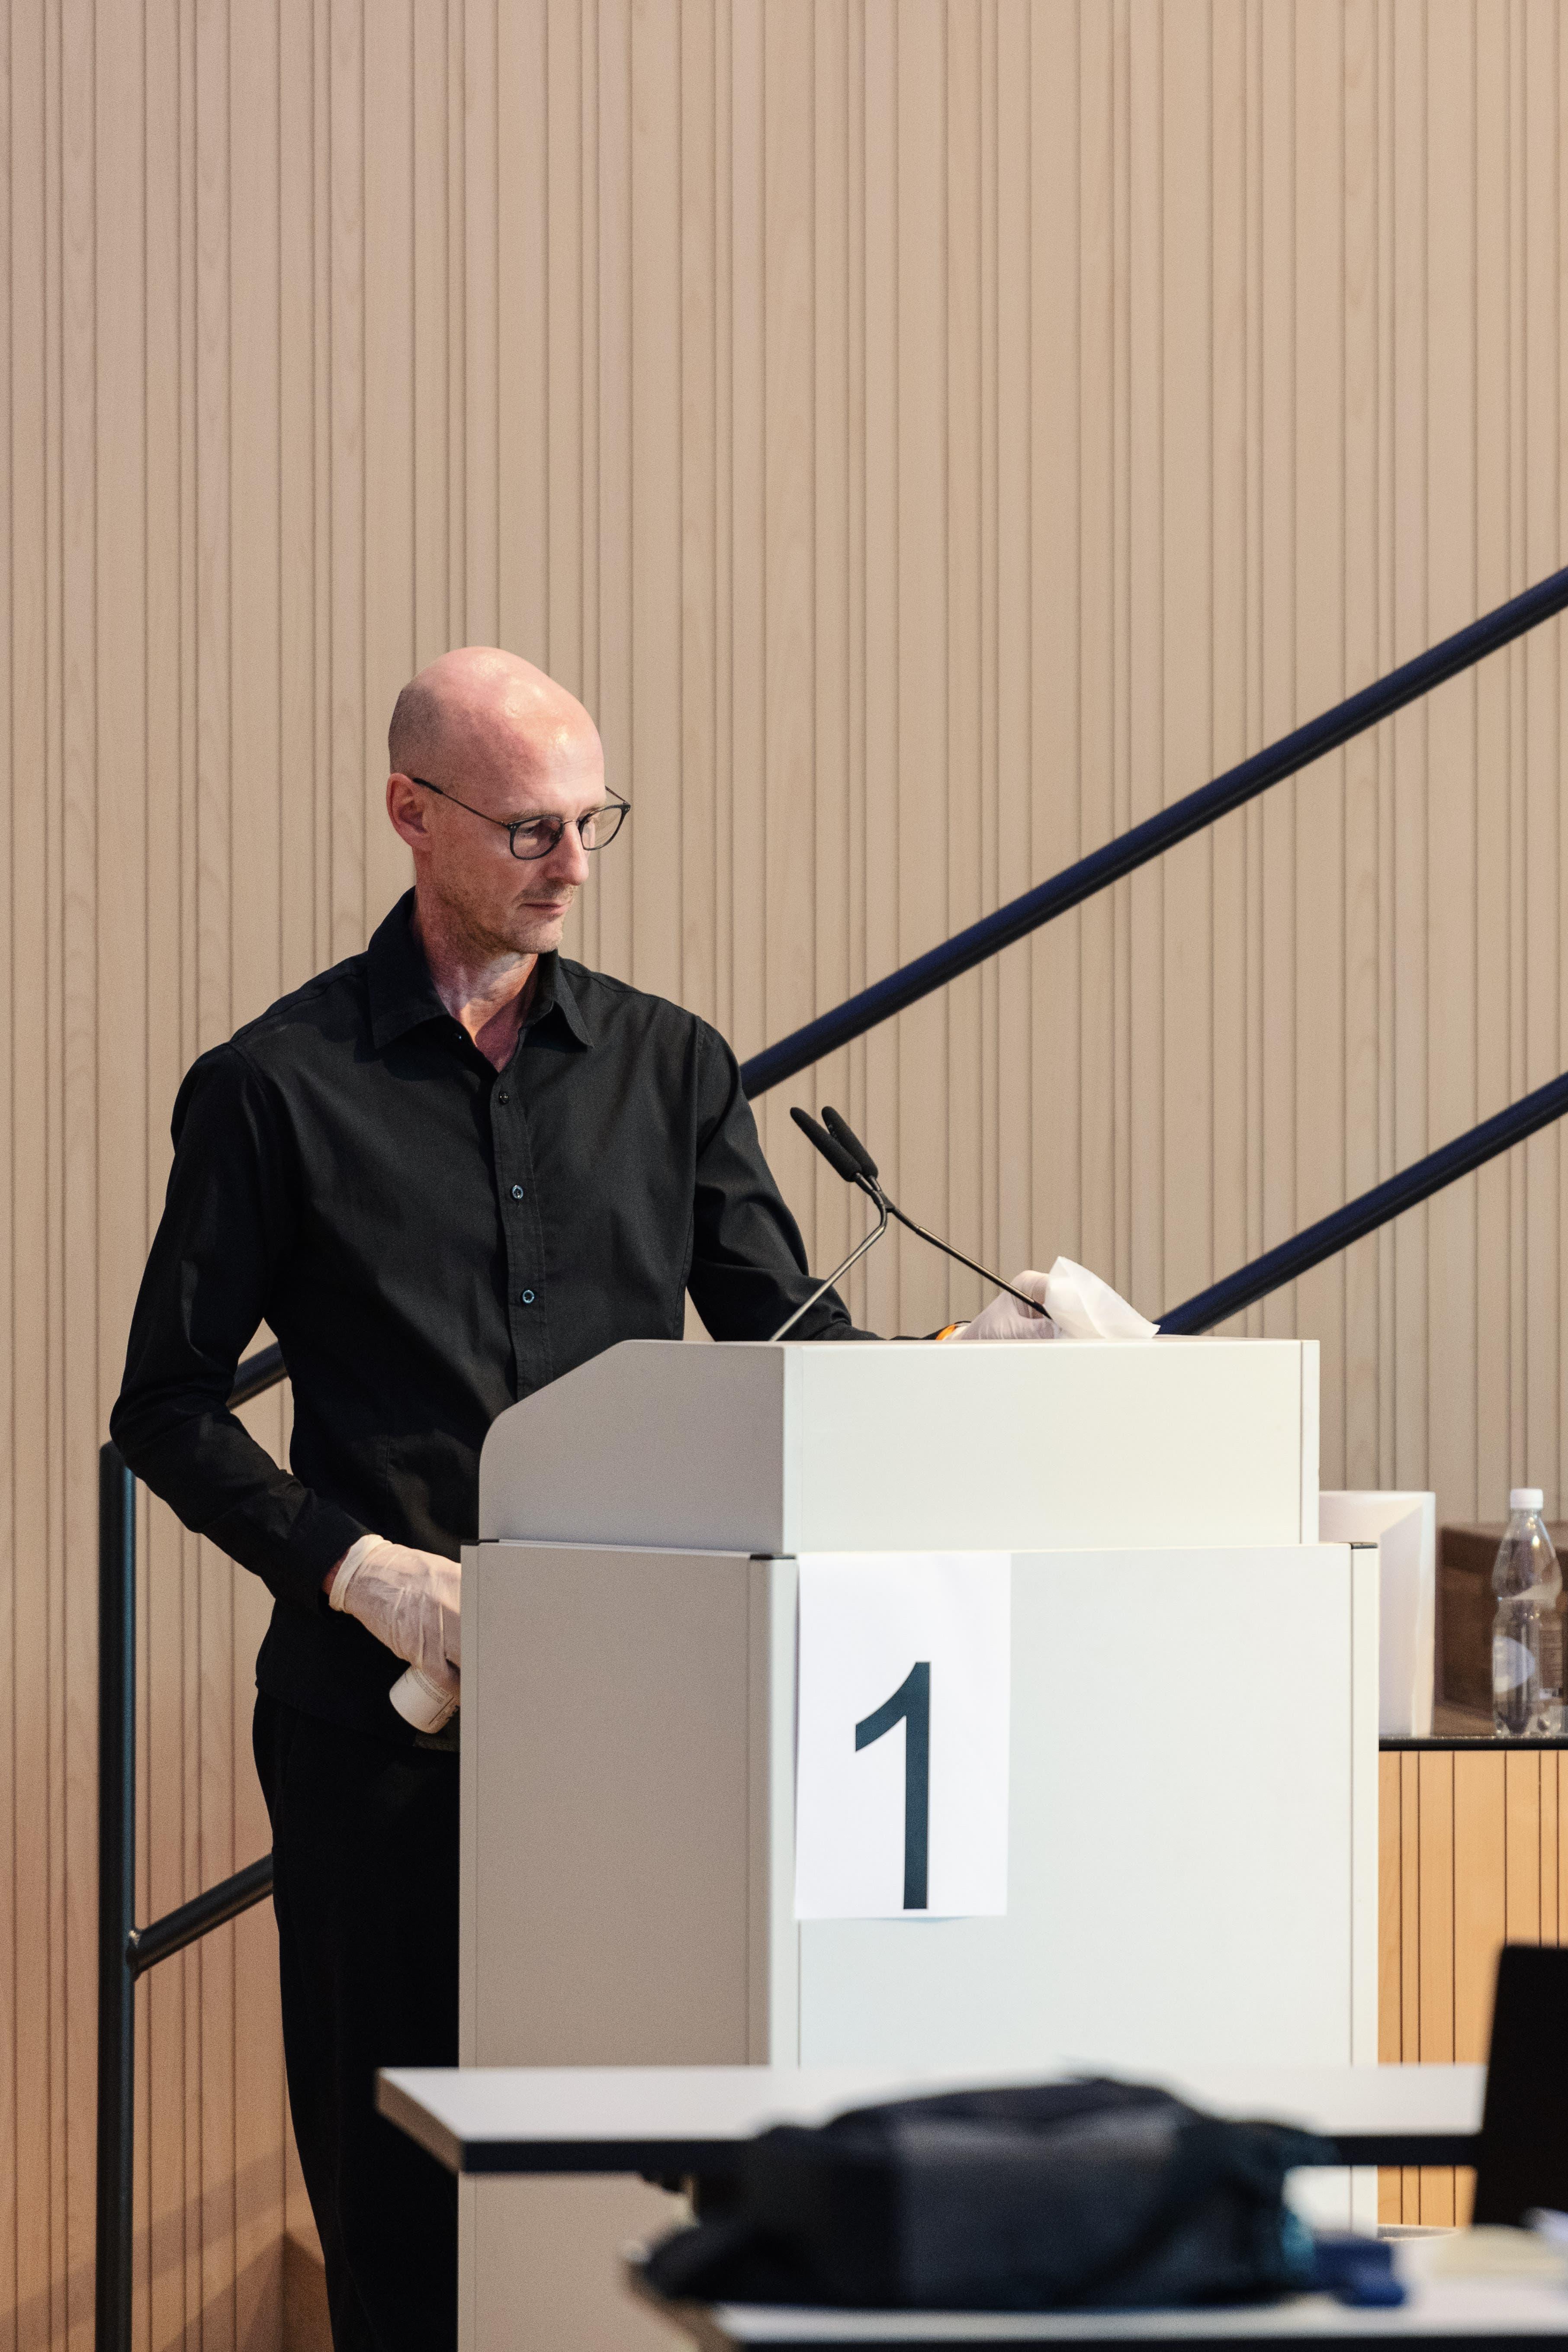 Das Rednerpult wird nach jedem Rednerwechsel desinfiziert.